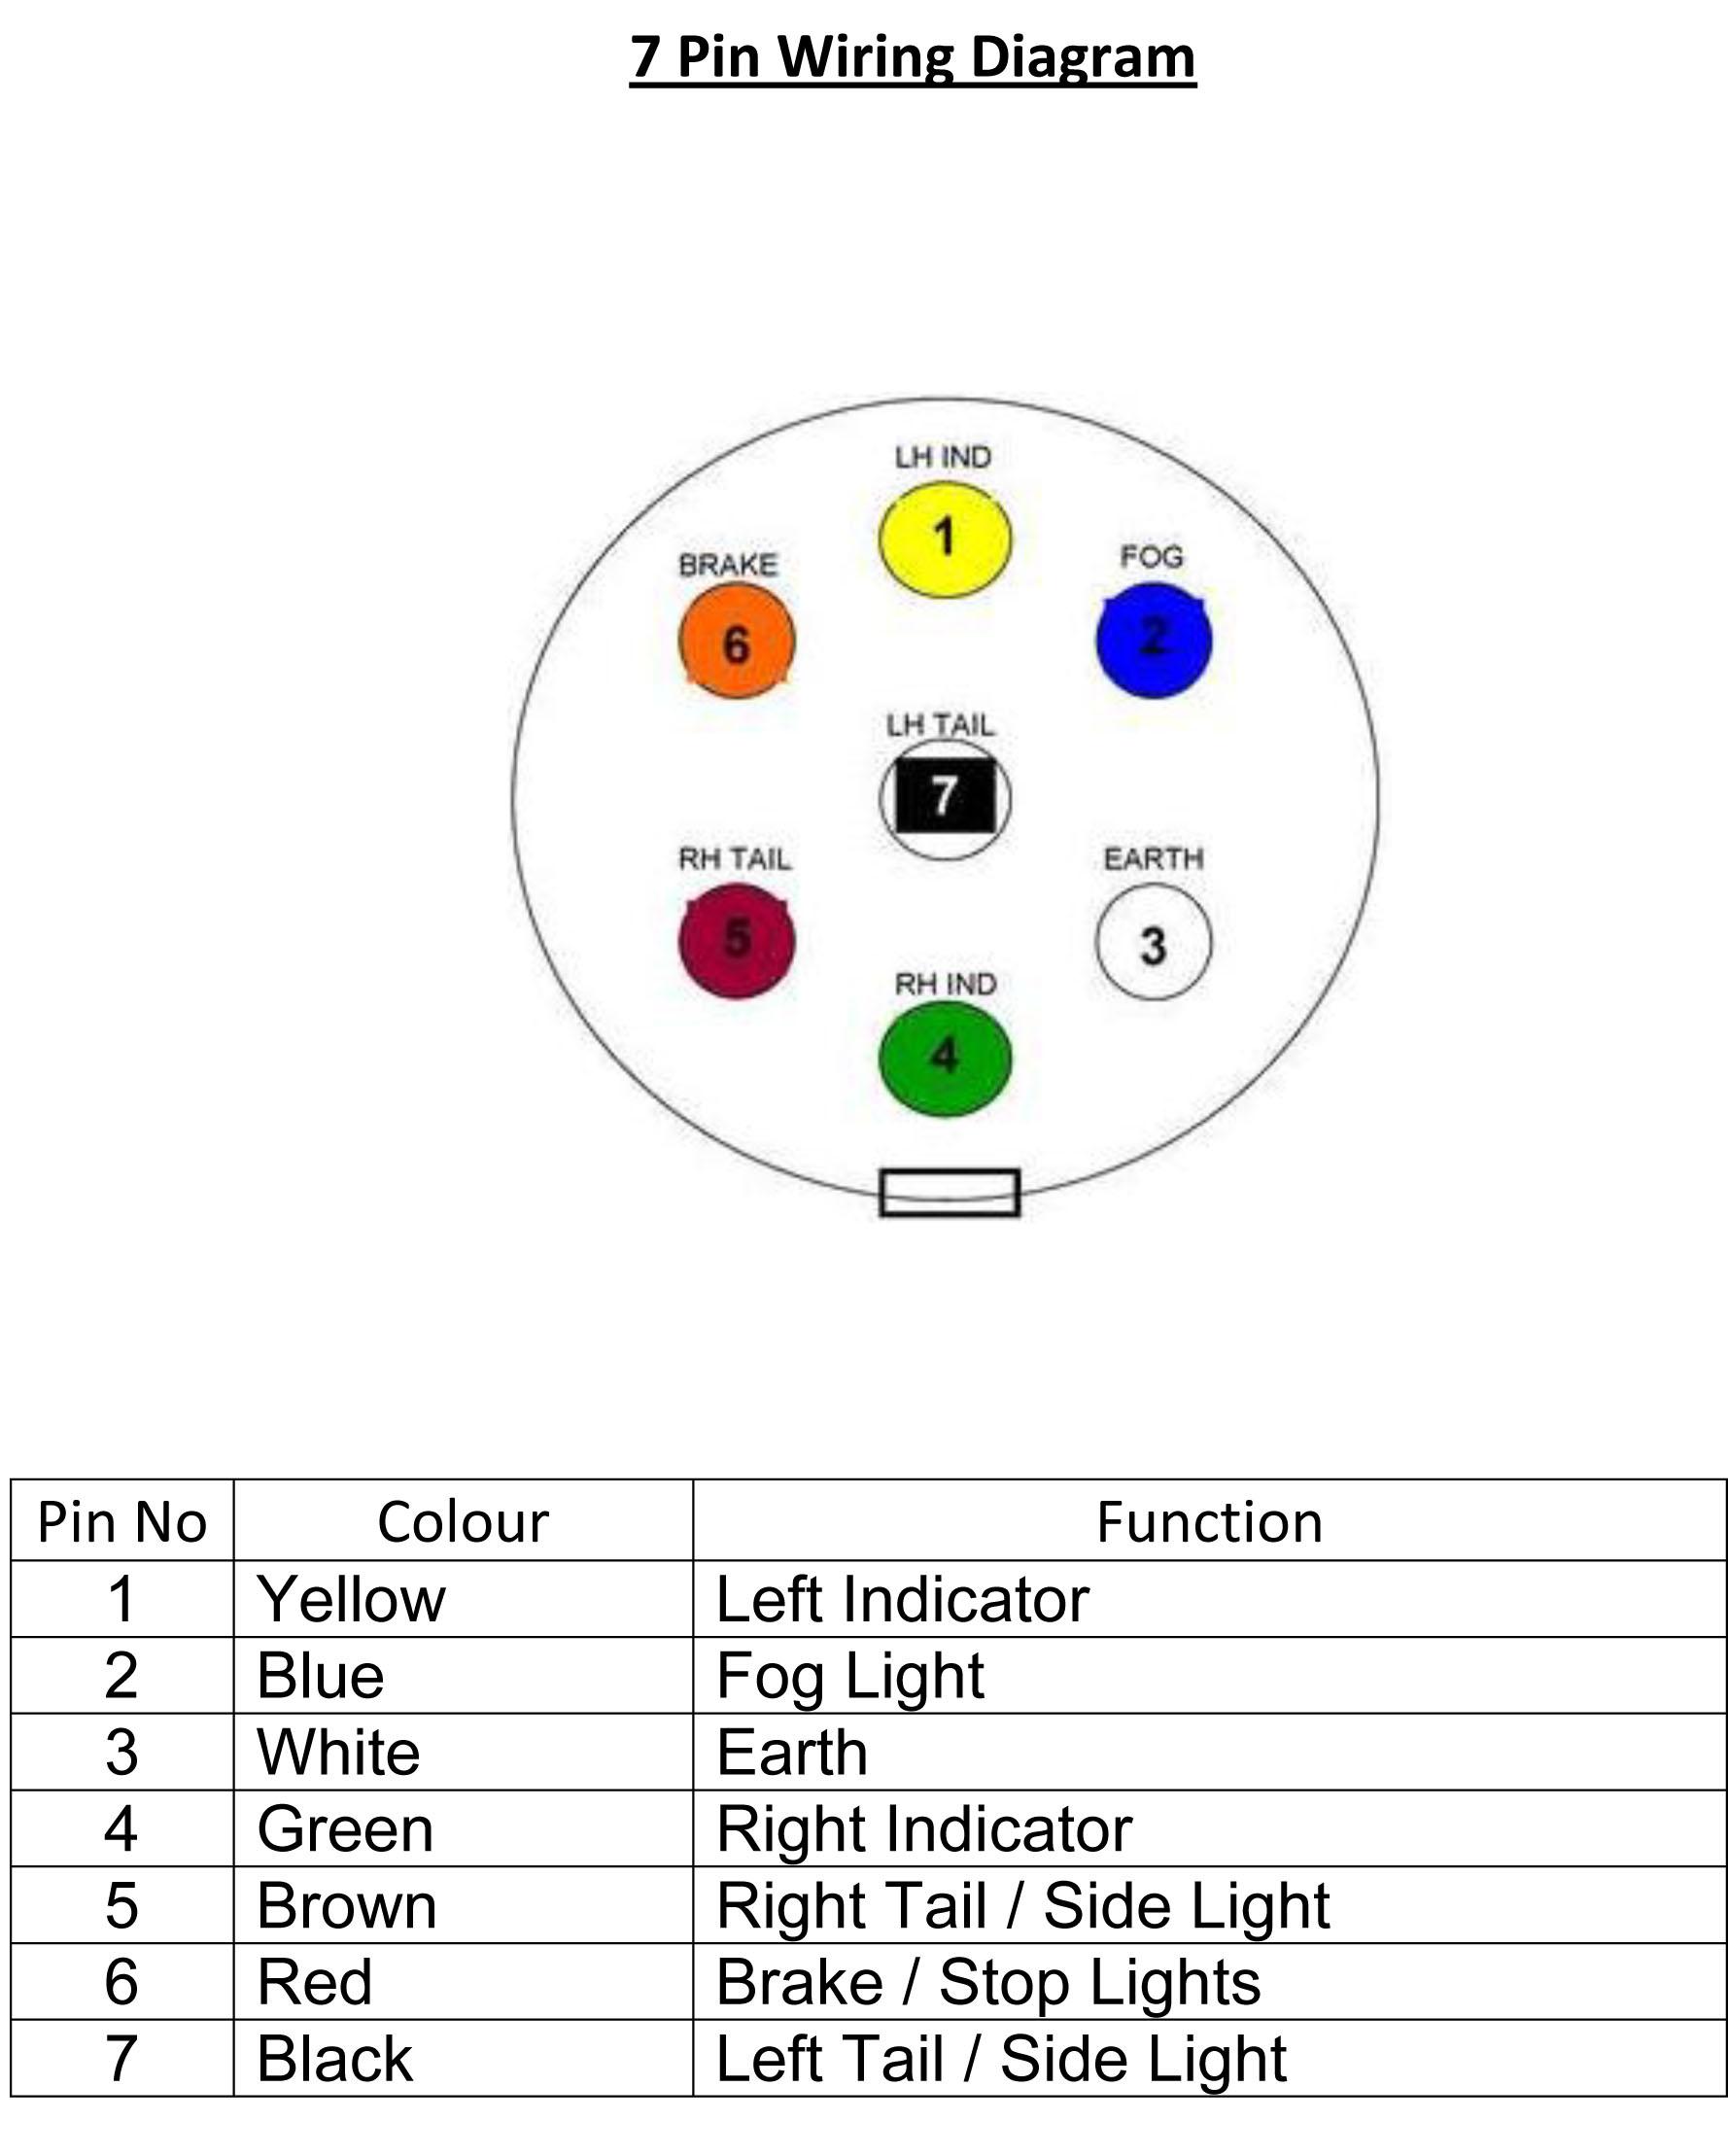 7 pin trailer light wiring diagram basic ow 5434  pin wiring diagram free diagram  ow 5434  pin wiring diagram free diagram